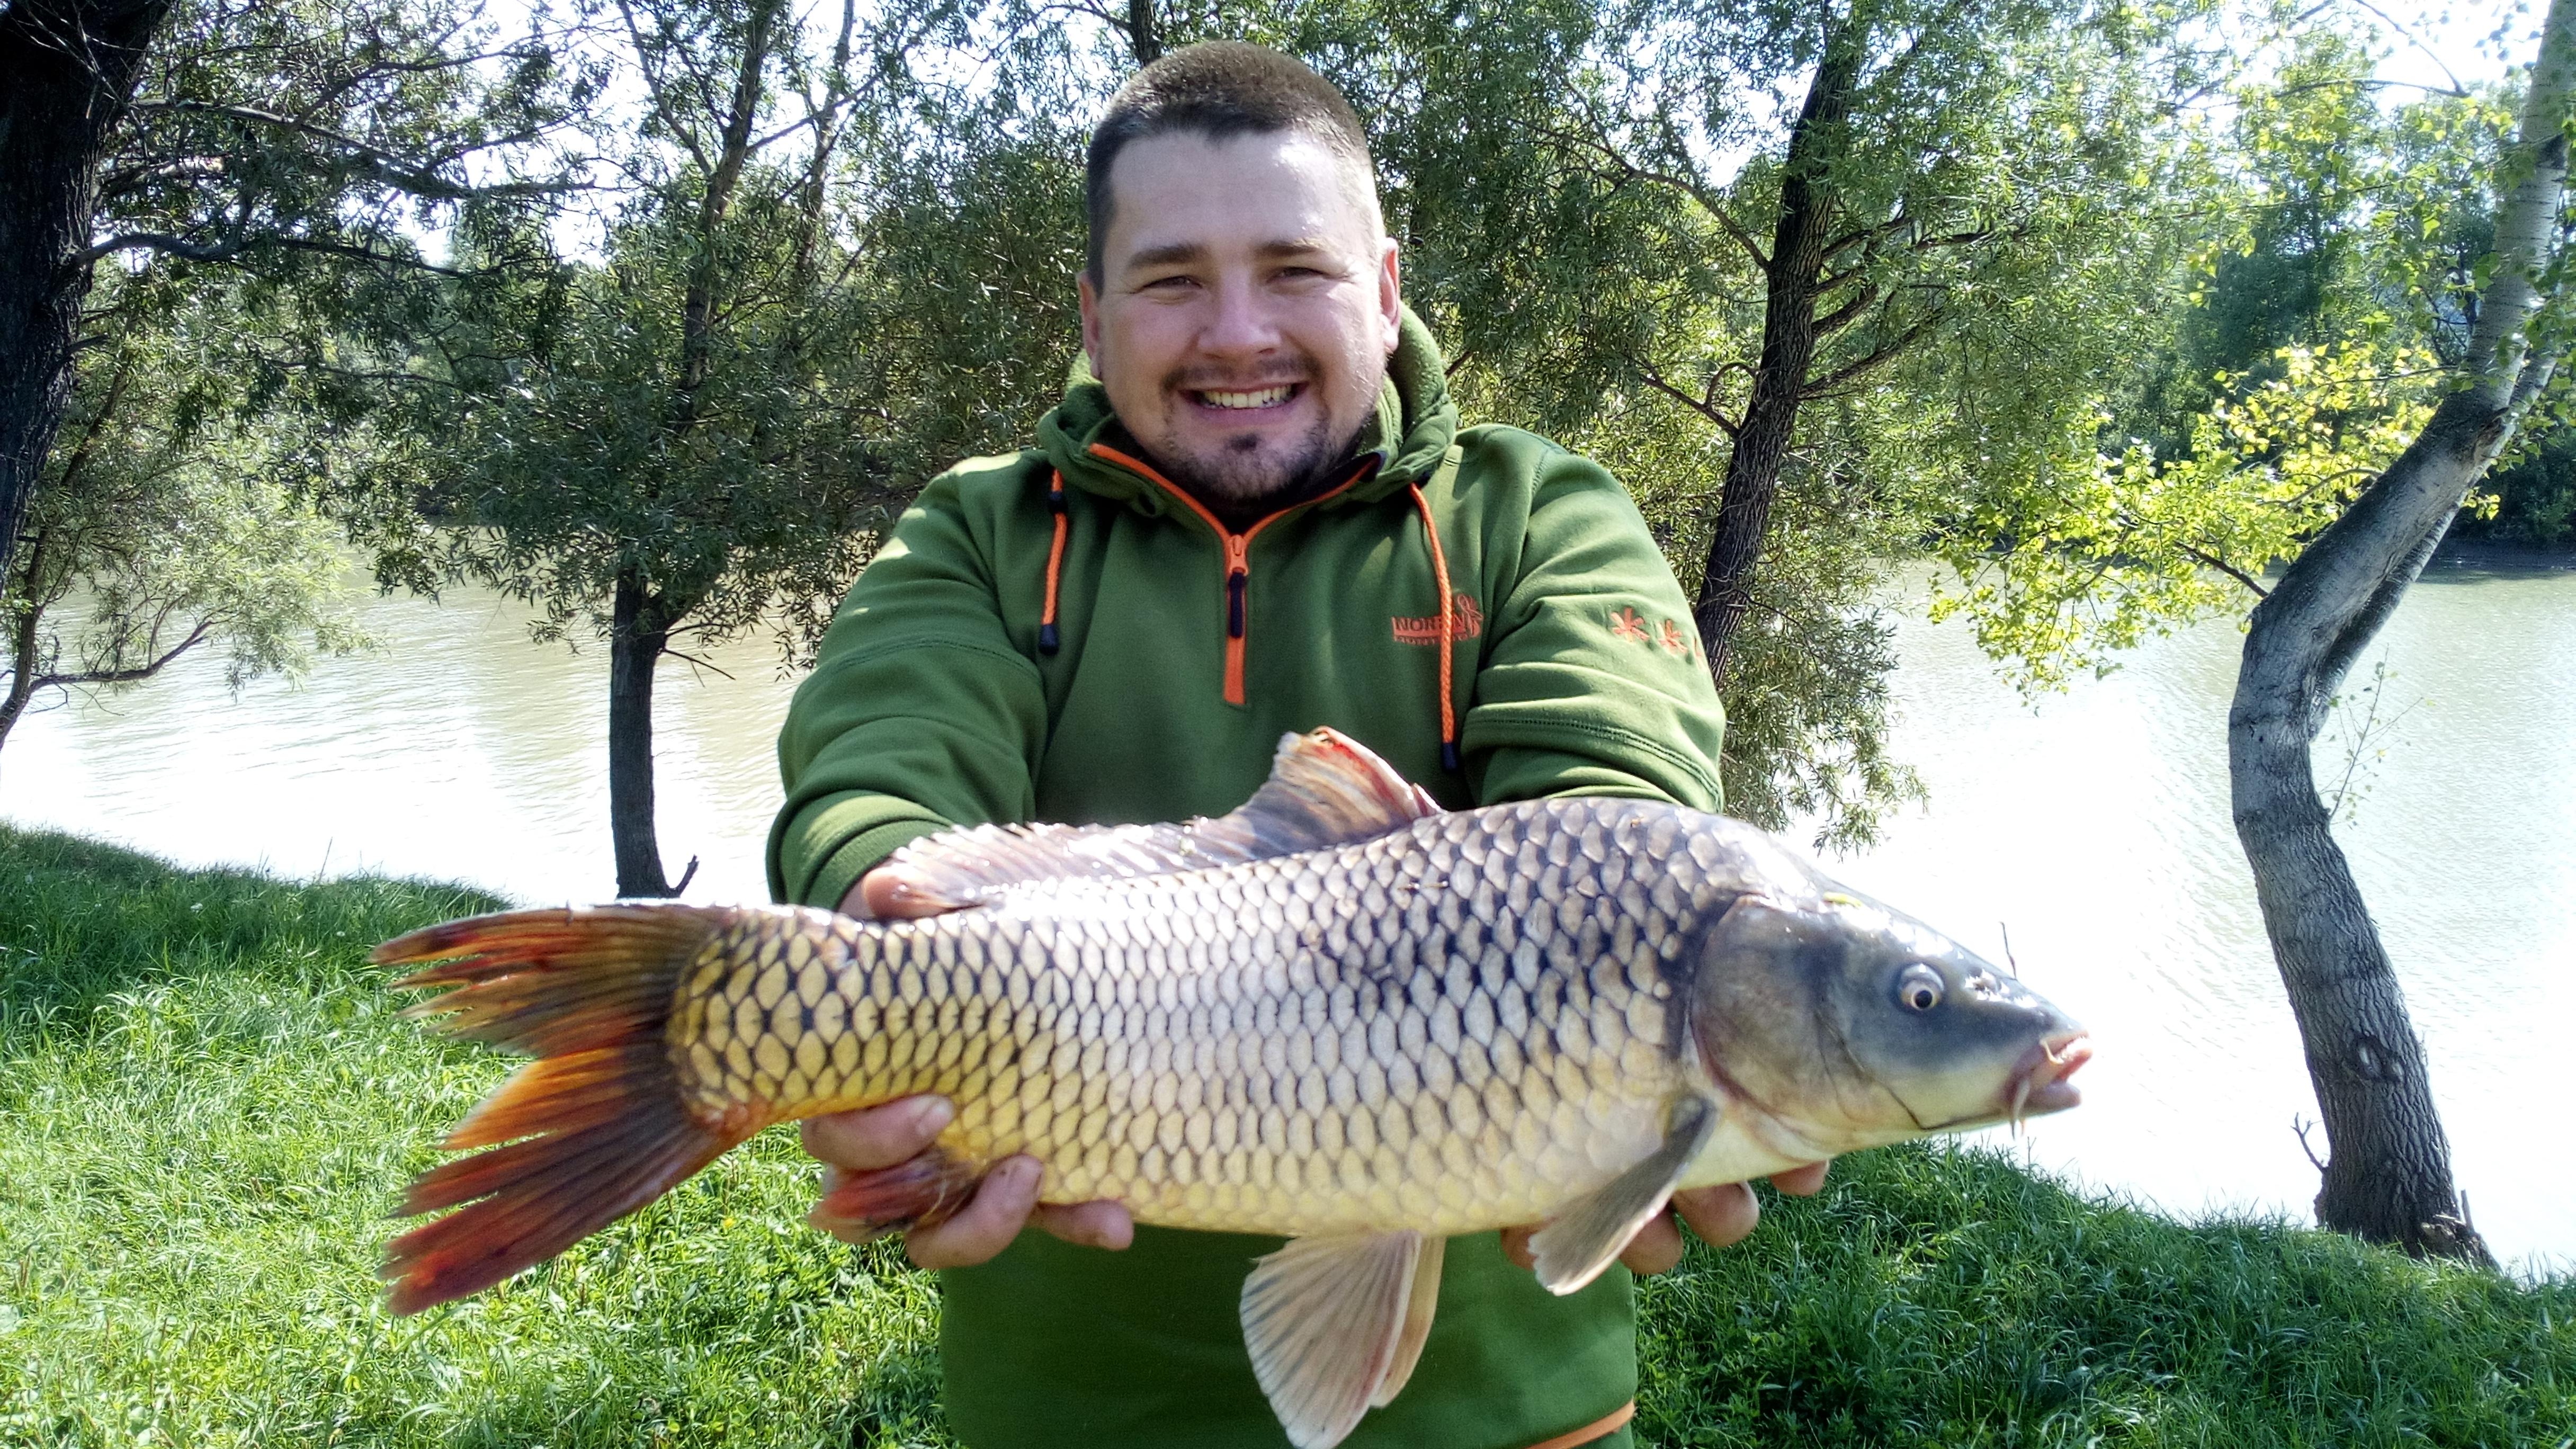 алтайский рыболовный клуб отчеты 2017